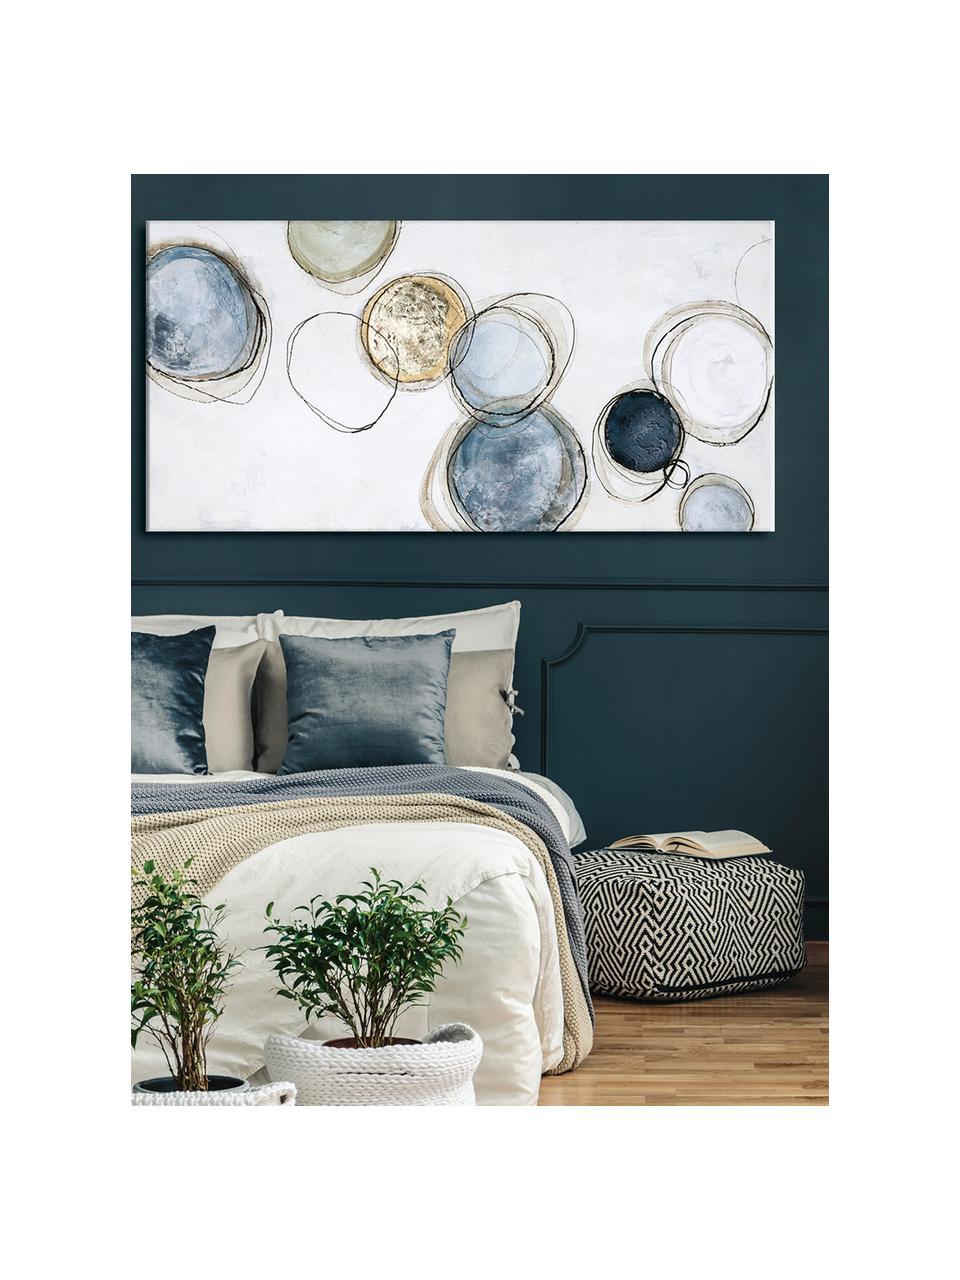 Ręcznie malowany obraz na płótnie Convenience, Wielobarwny, S 140 x W 70 cm